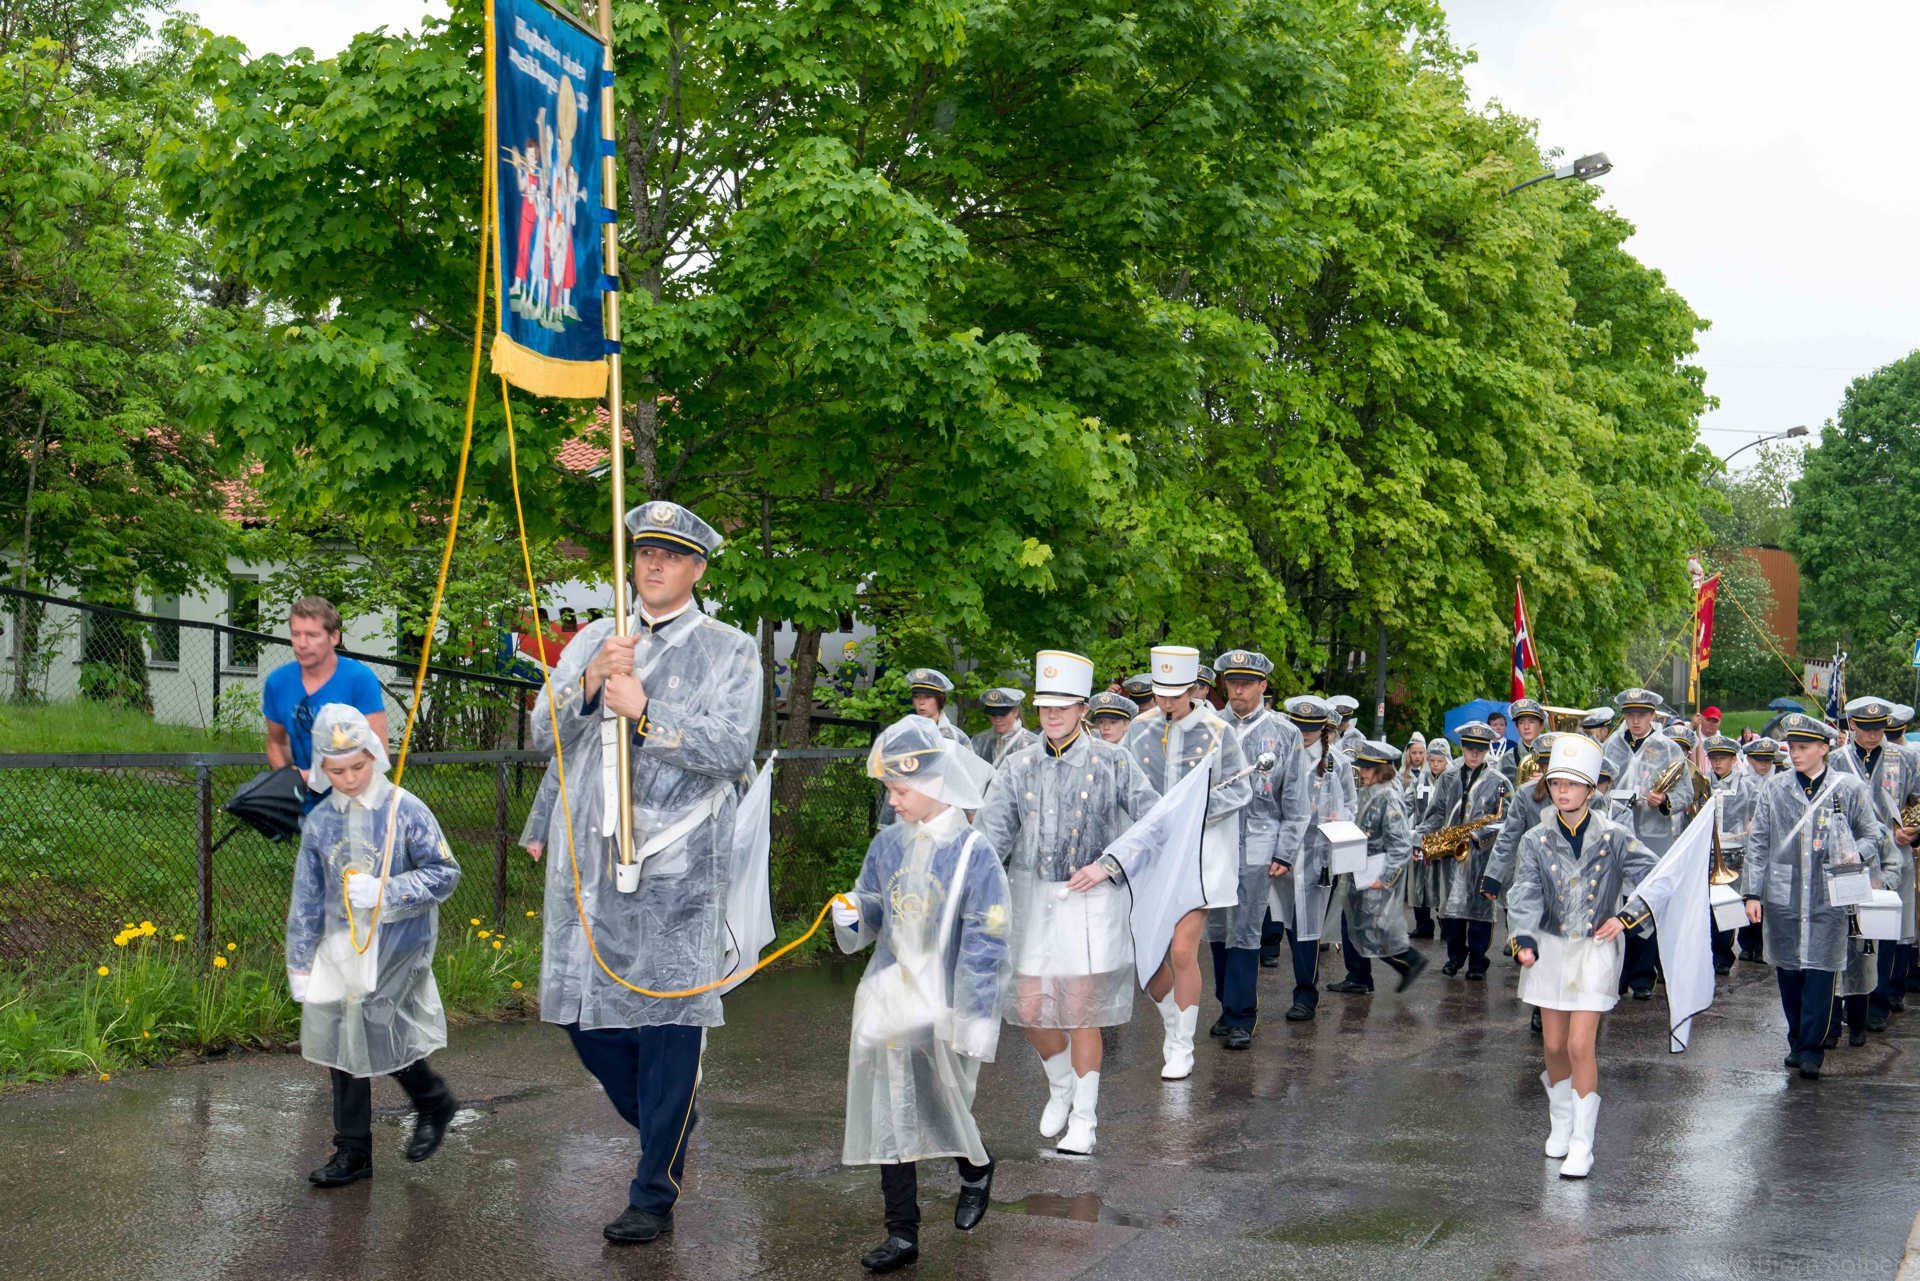 20130602-Korpsstevne Manglerud 2013-06-02 030.jpg